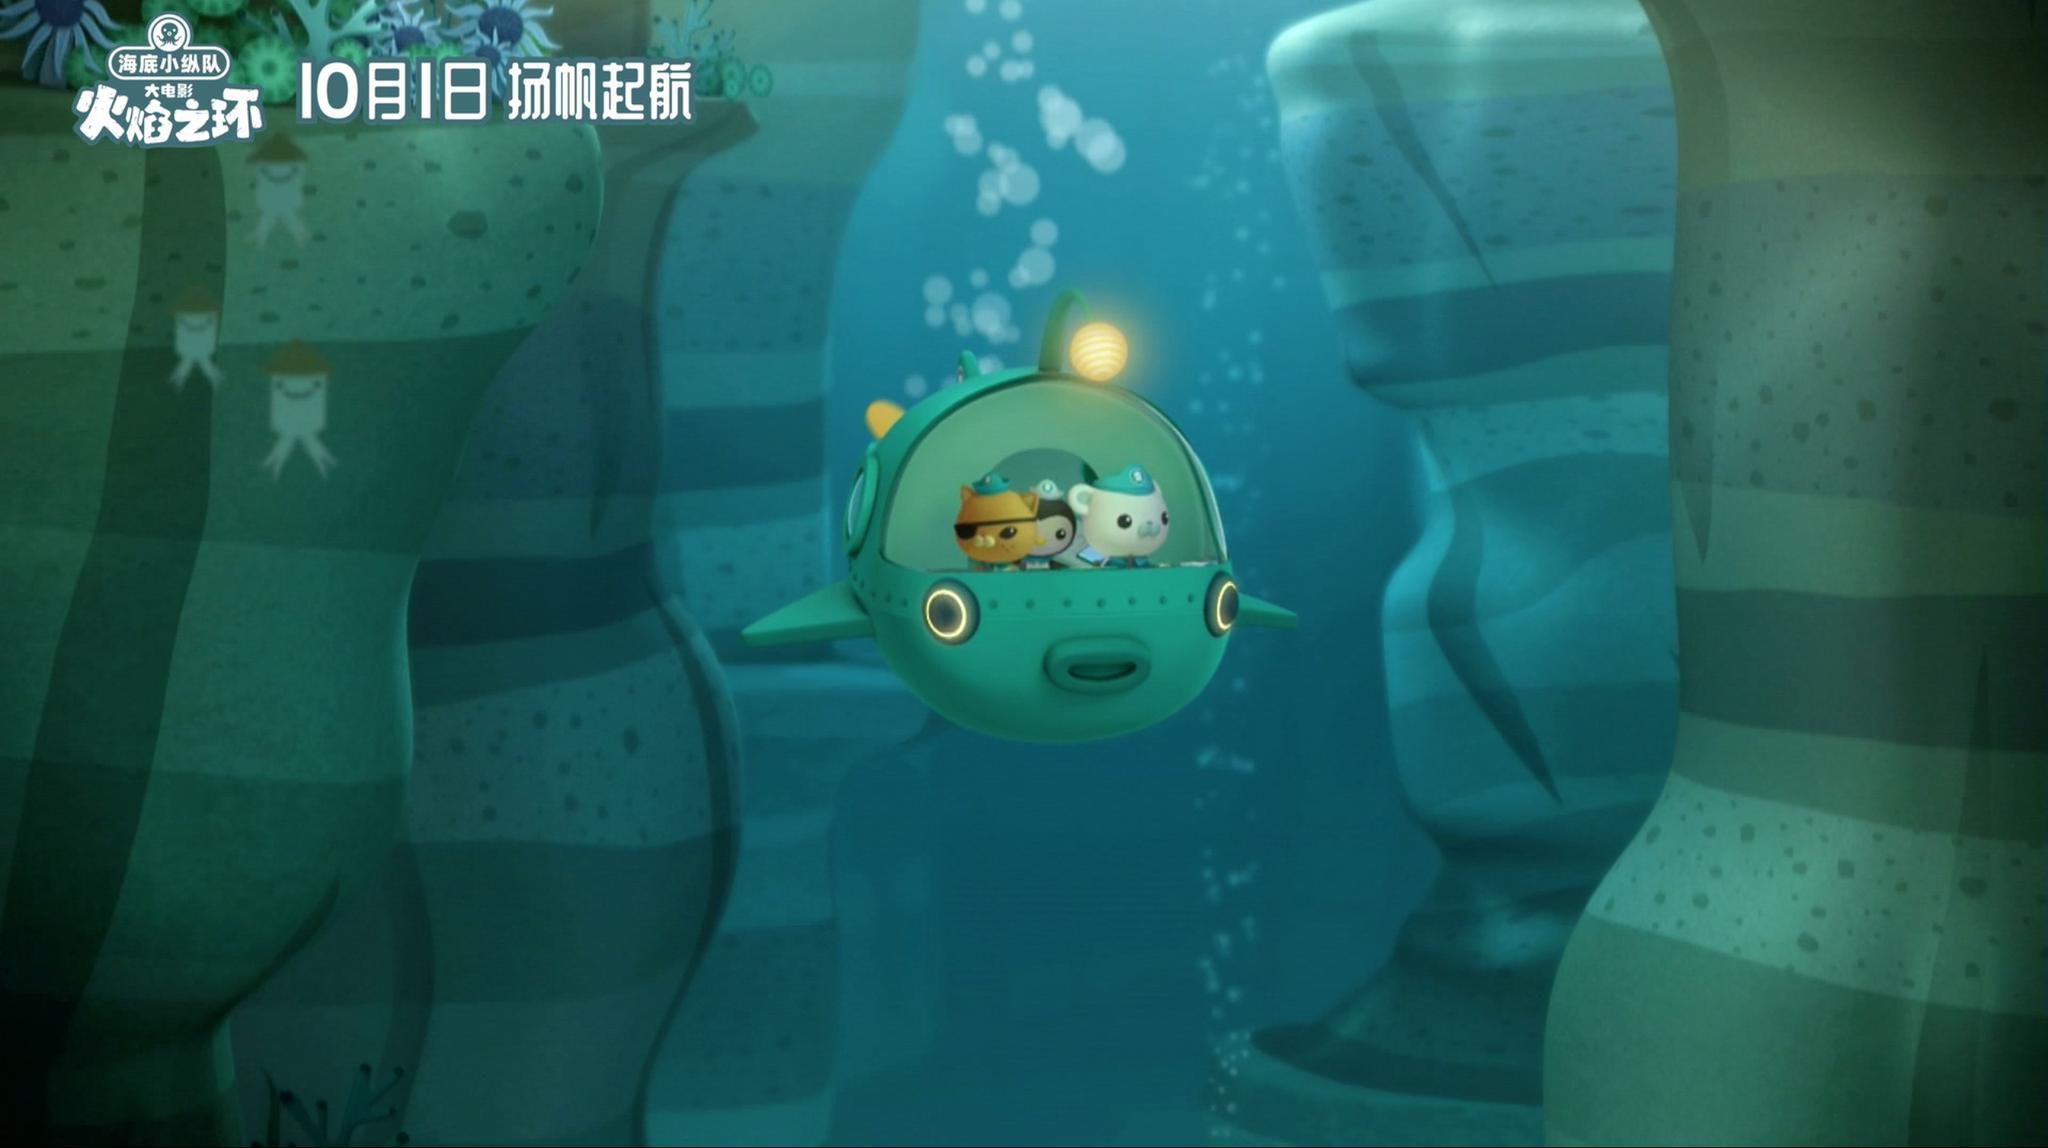 《海底小纵队》首部大电影定档10月1日 开启全新海底冒险之旅